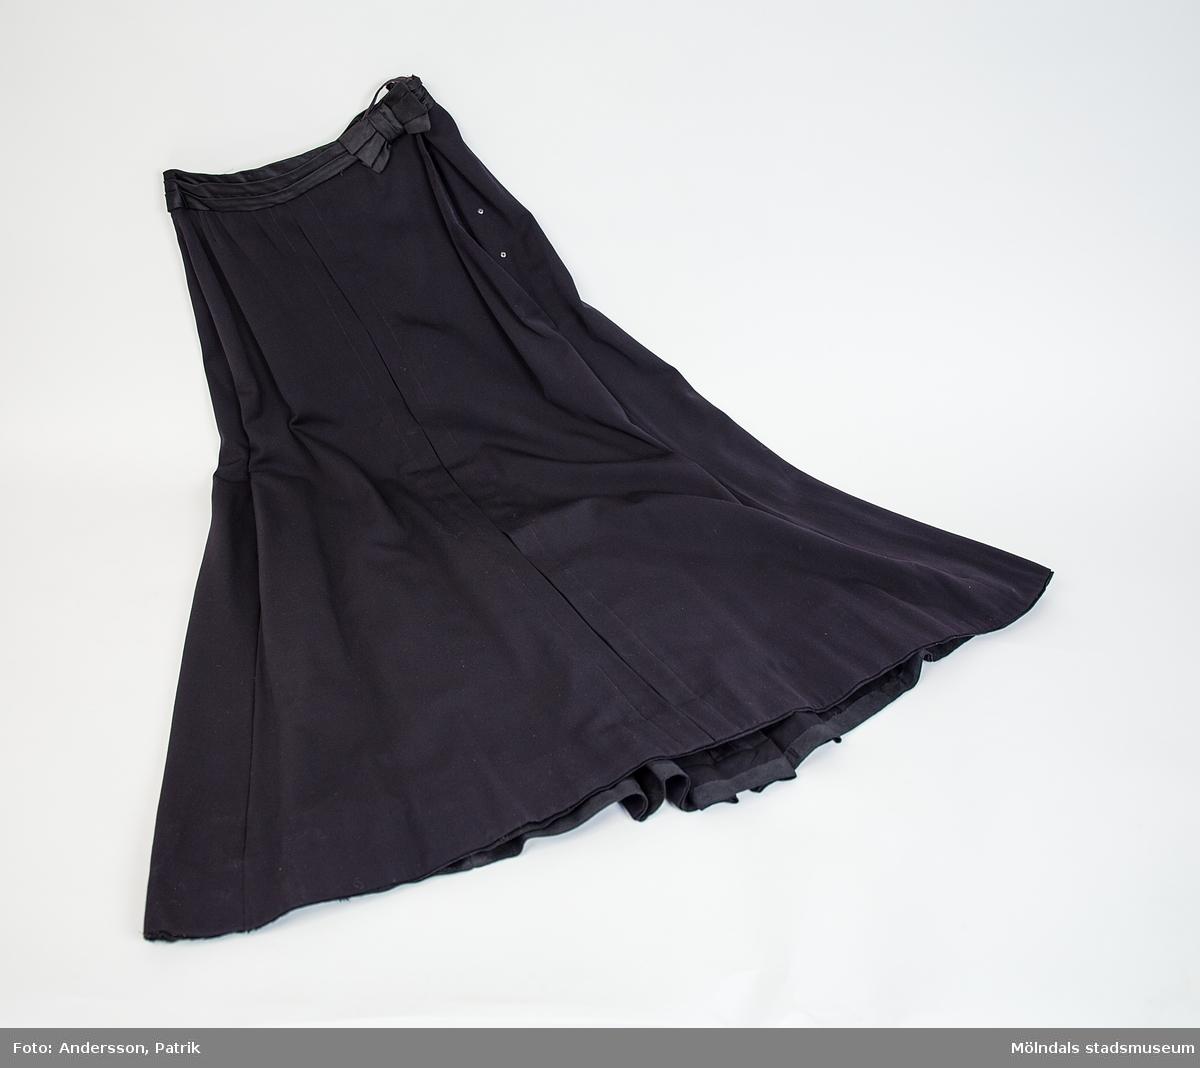 Kjol i svart yllegabardin med tre veck bak. Ett draperat duschessband med rosett i midjan och fodrad med bomullstyg. Omsydd.